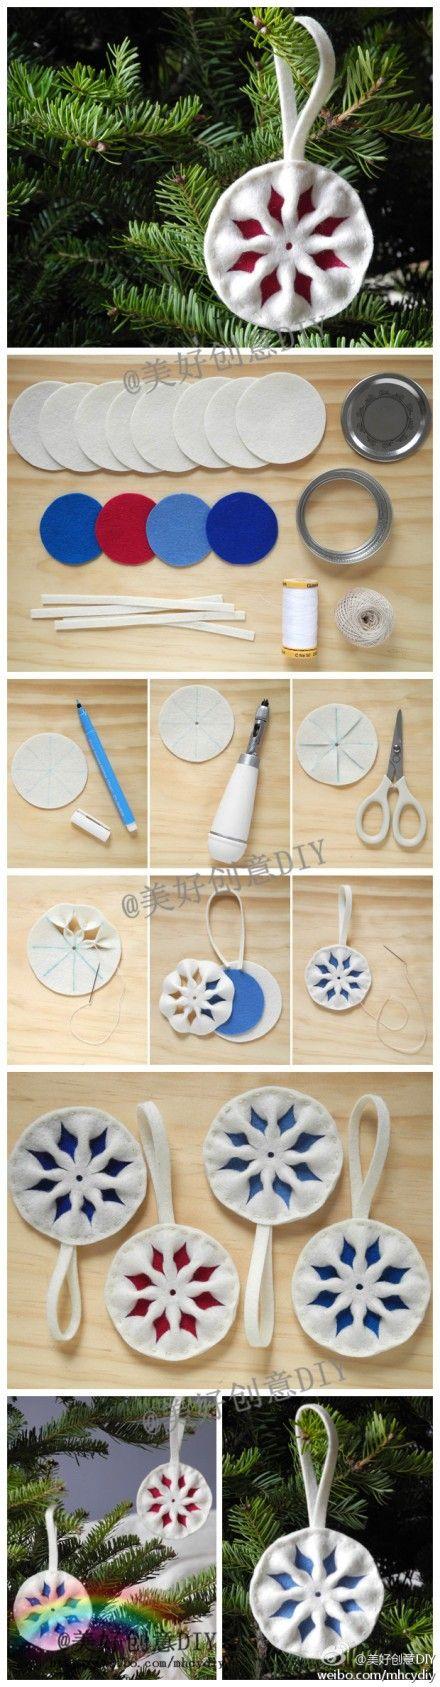 Фетровые игрушки на елку - как сделать своими руками